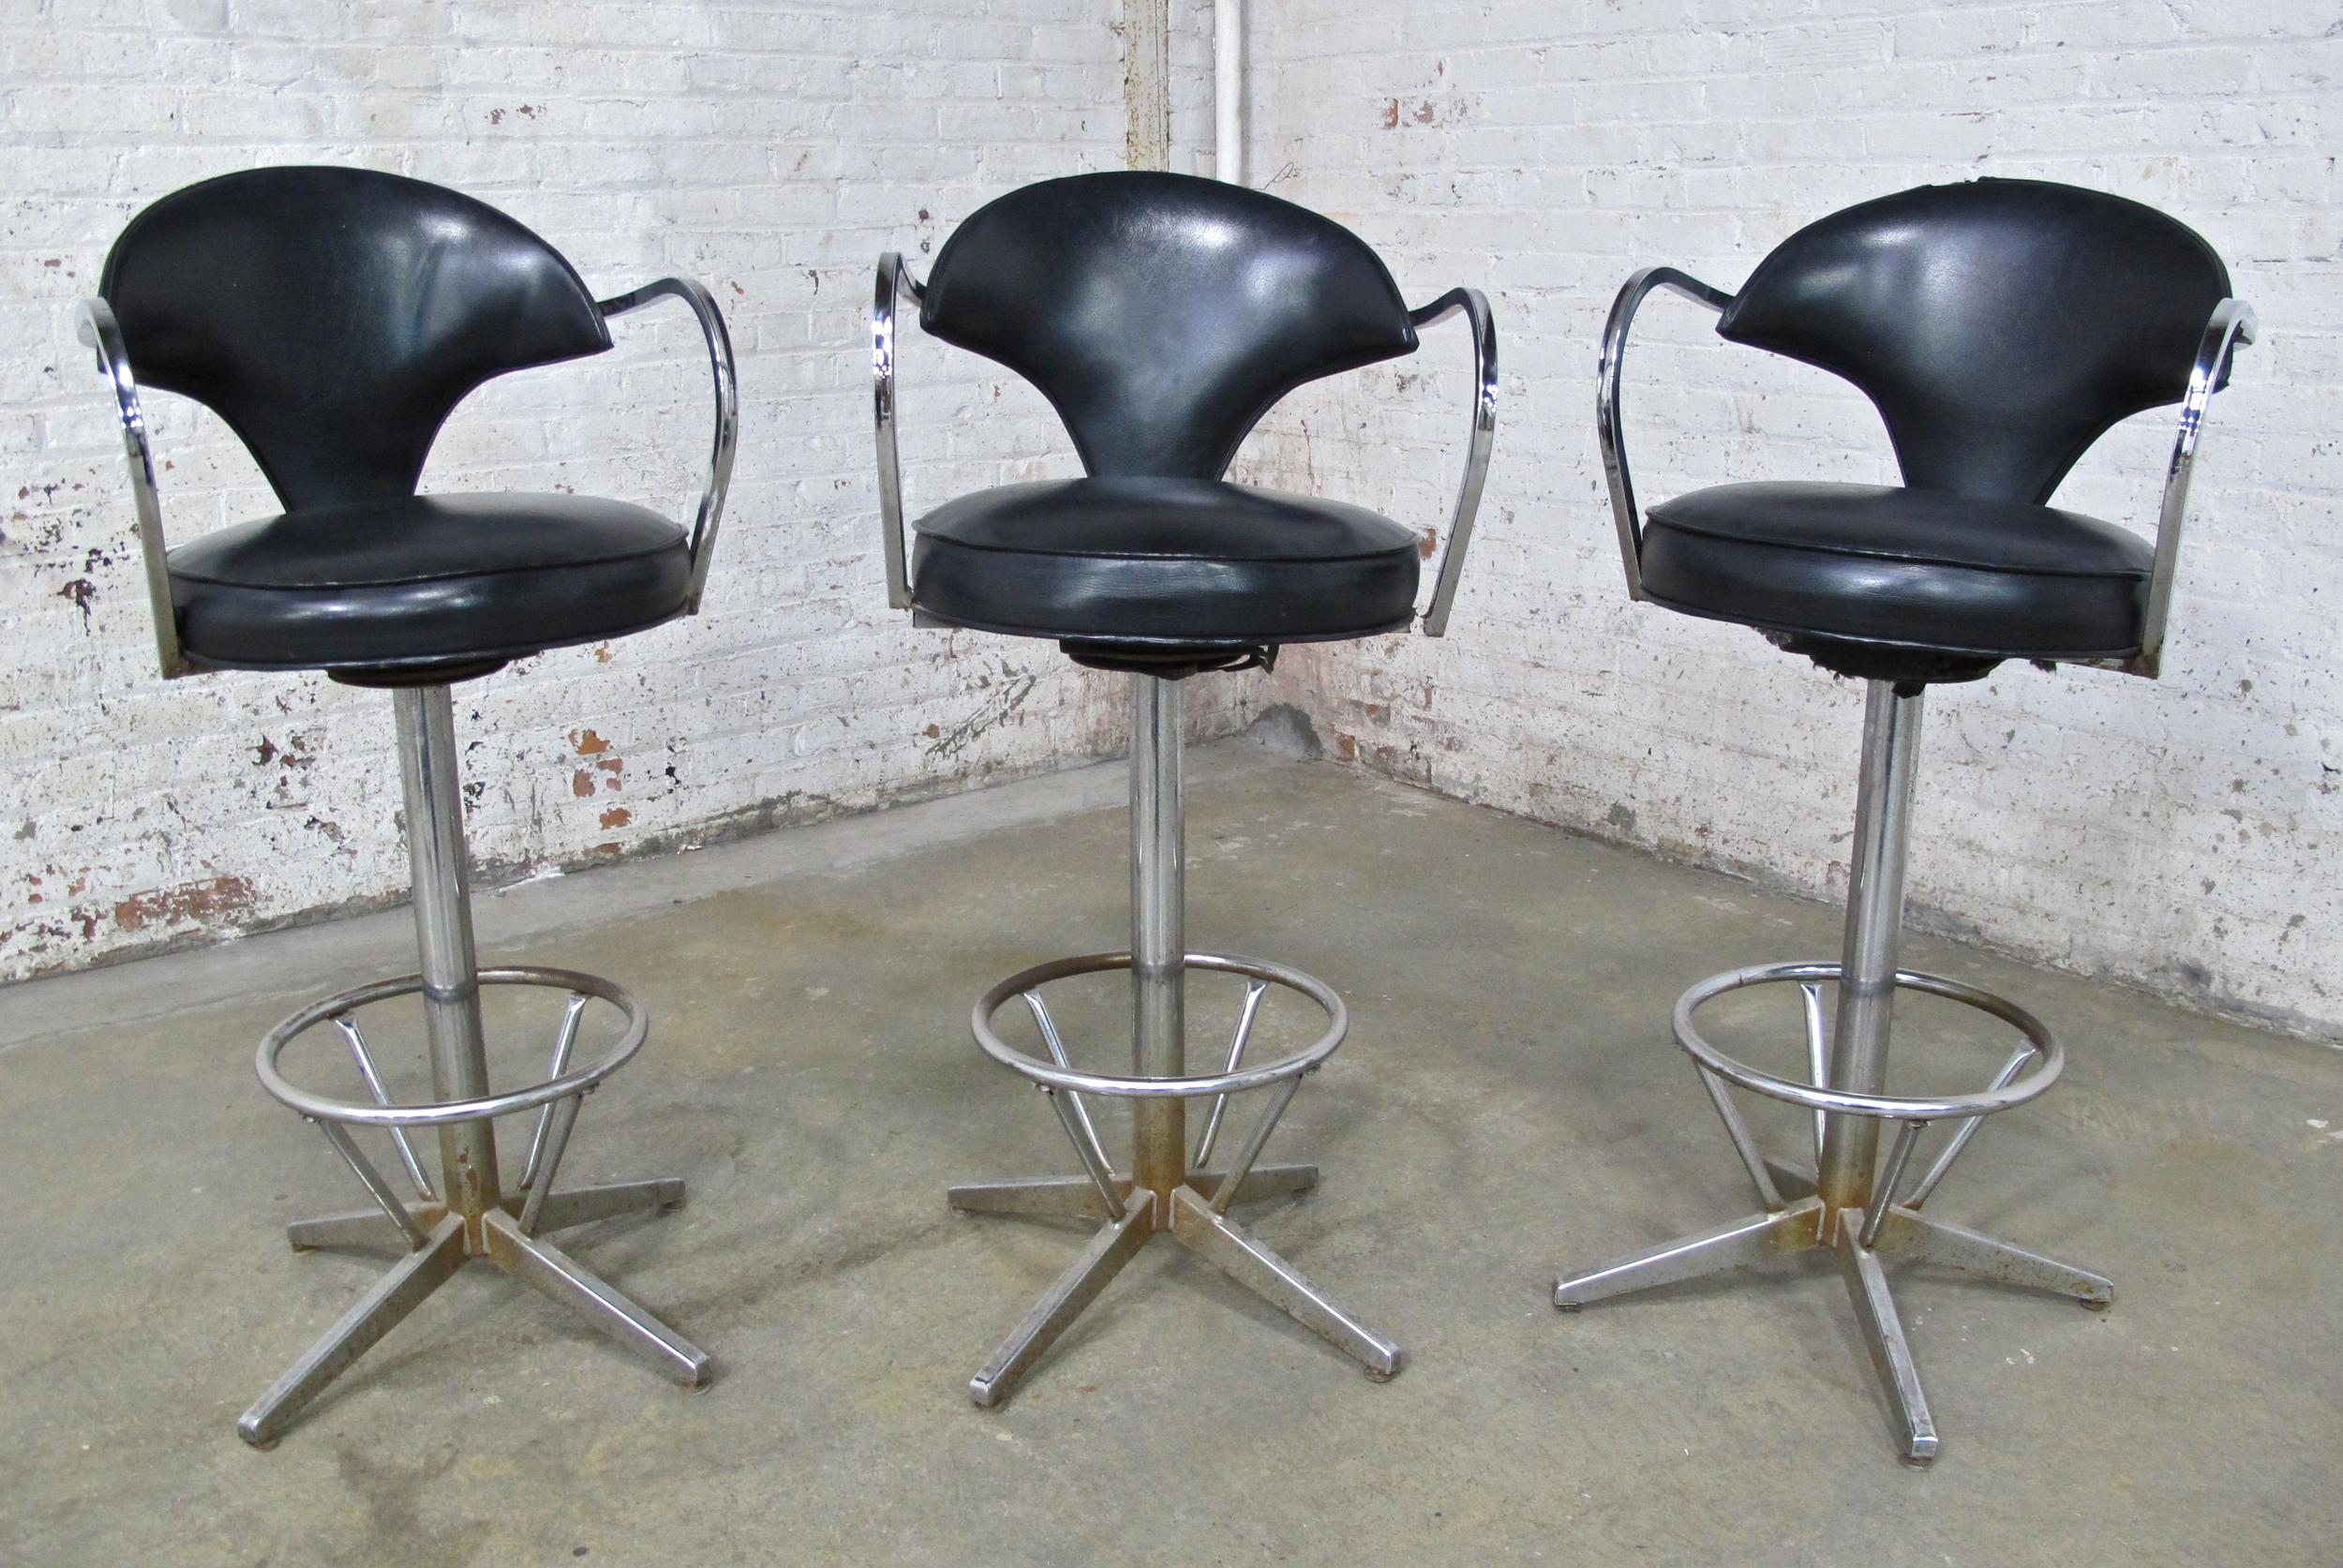 Black Vinyl Vanity Chairs (4) $75/ea